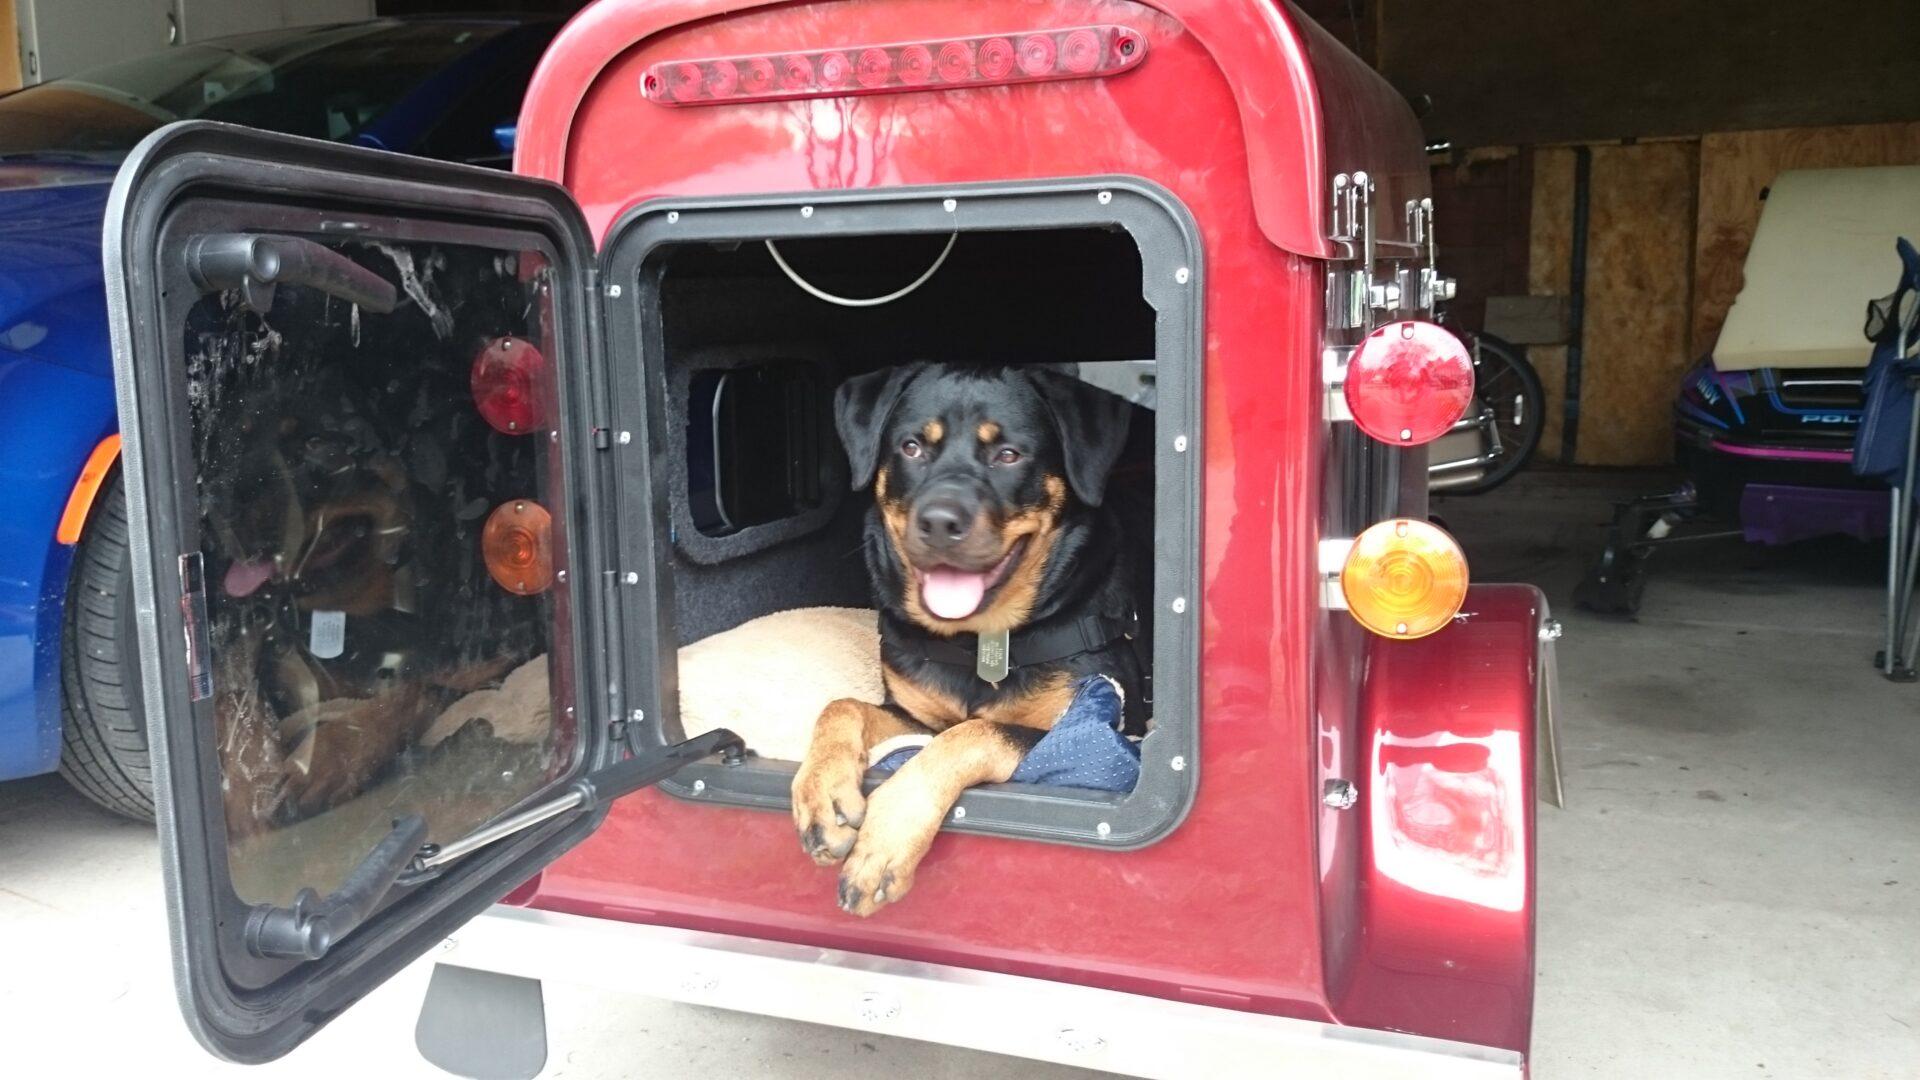 A rottweiler inside a cargo trailer